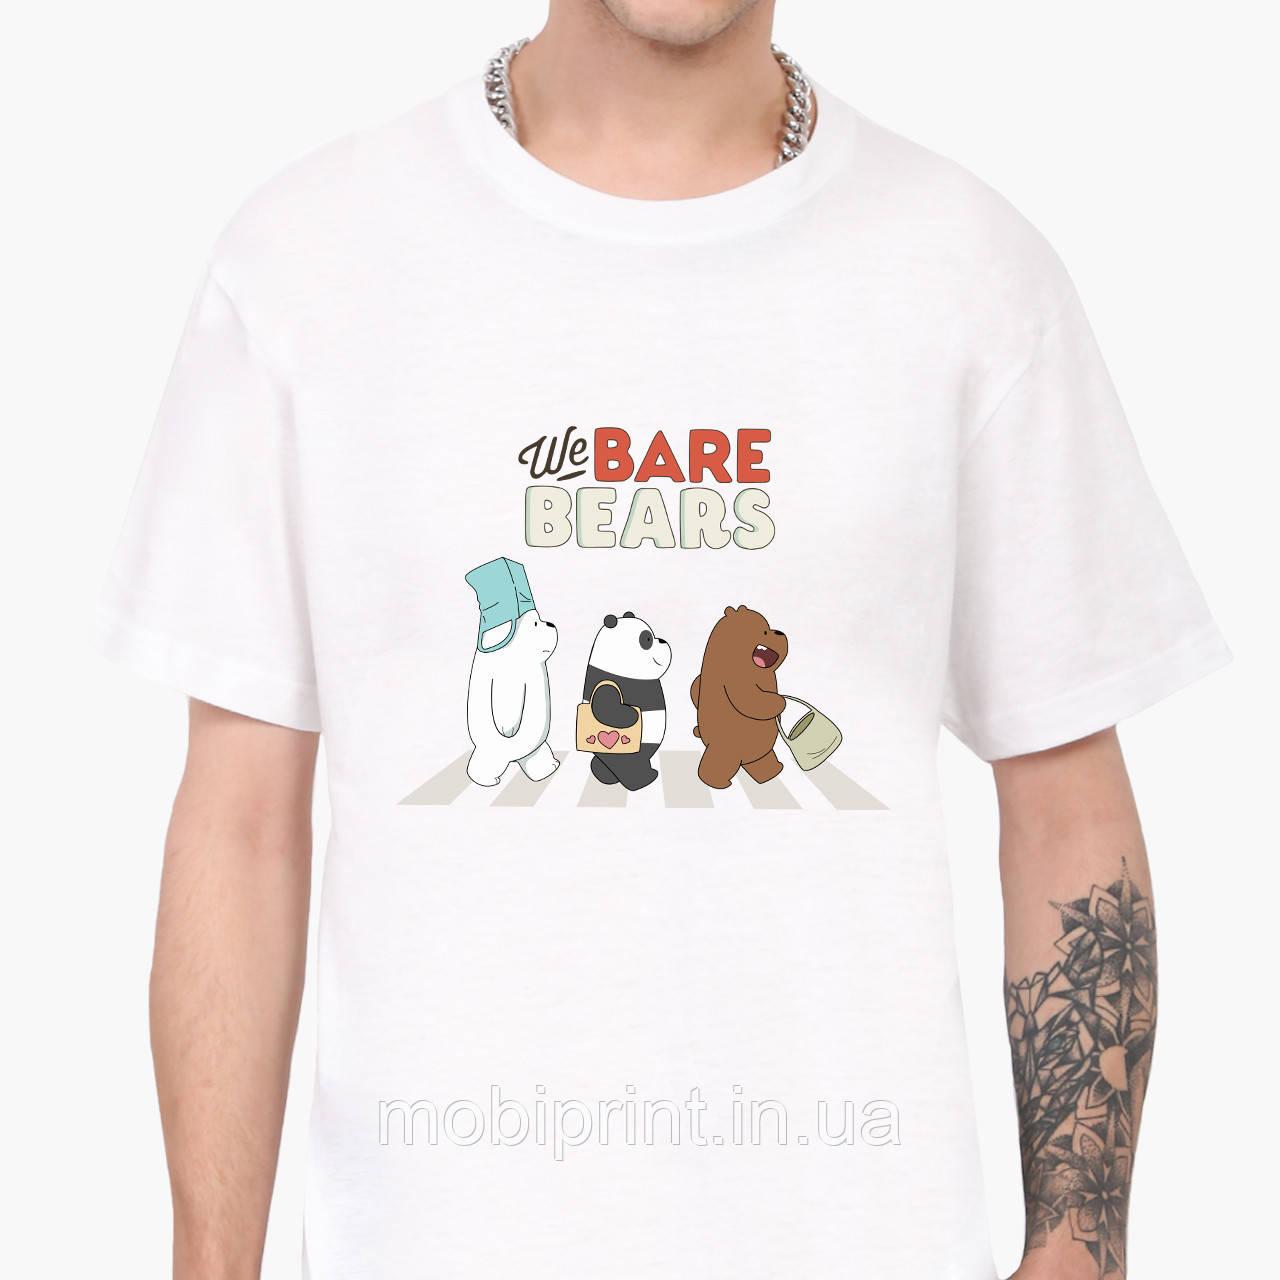 Футболка мужская Вся правда о медведях (We Bare Bears) Белый (9223-2666)